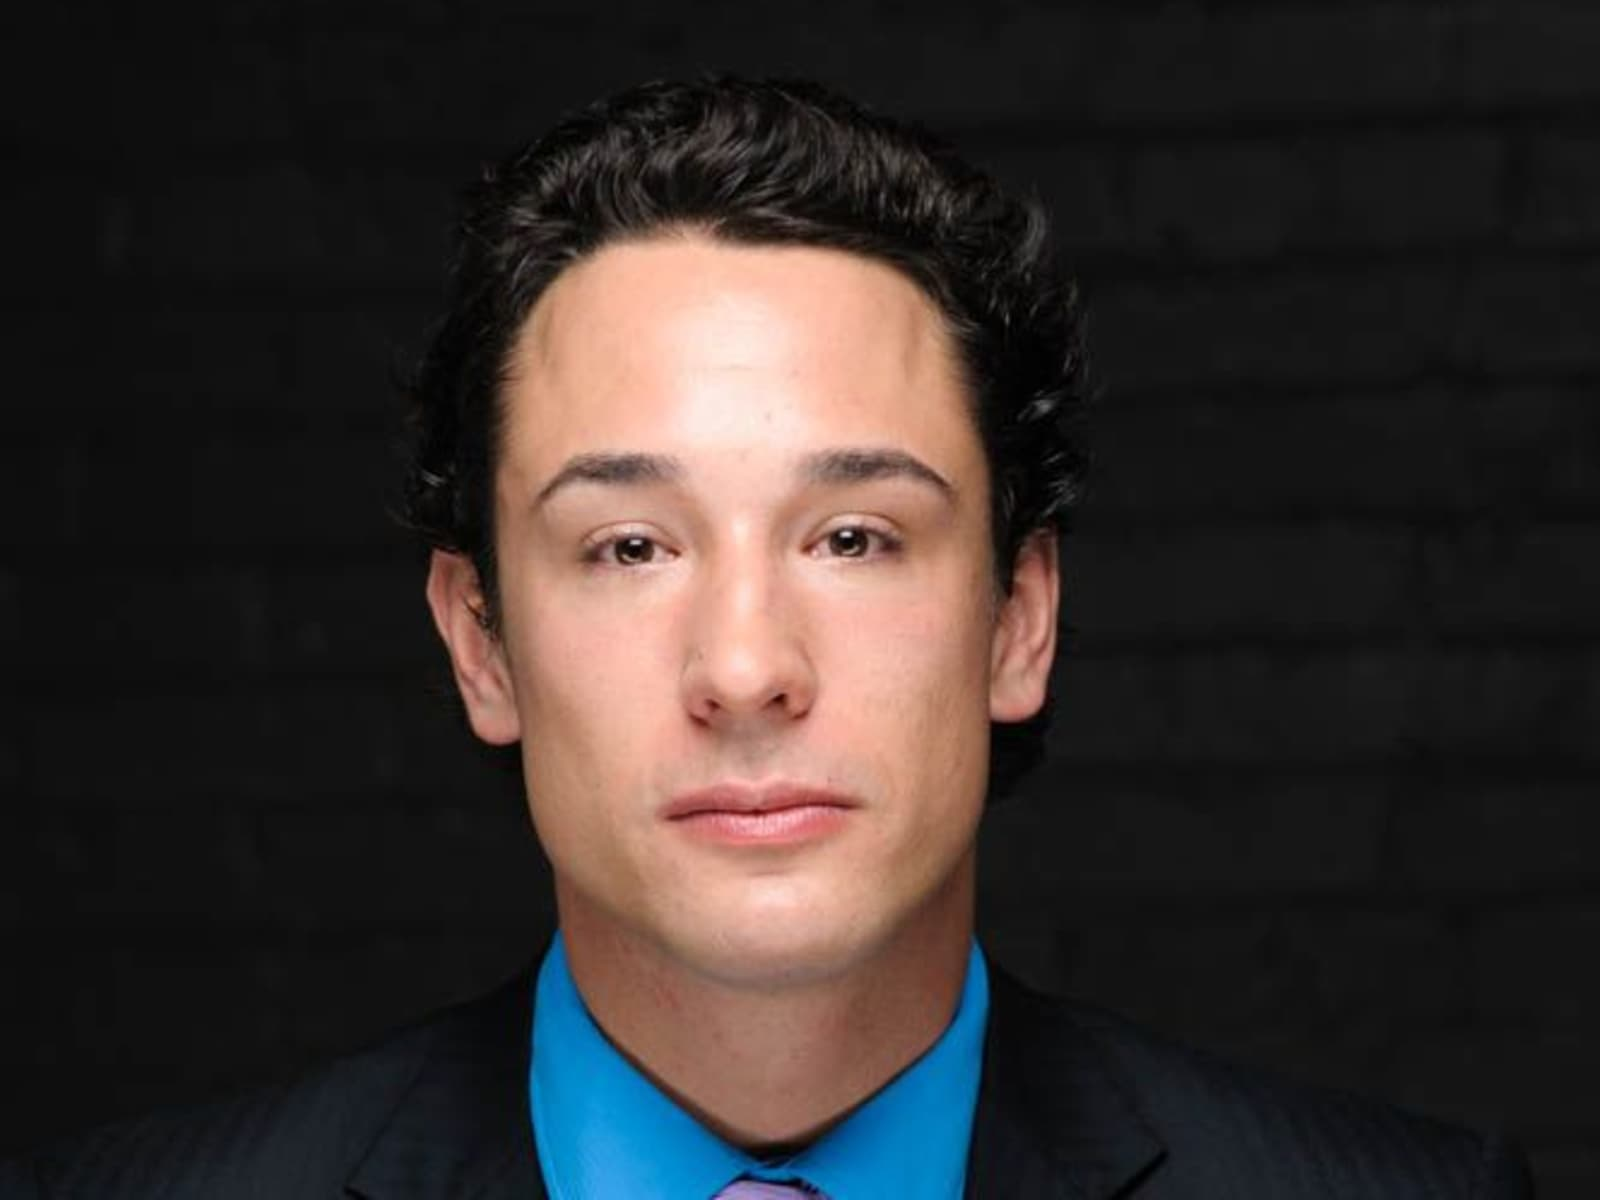 Joseph from Calgary, Alberta, Canada